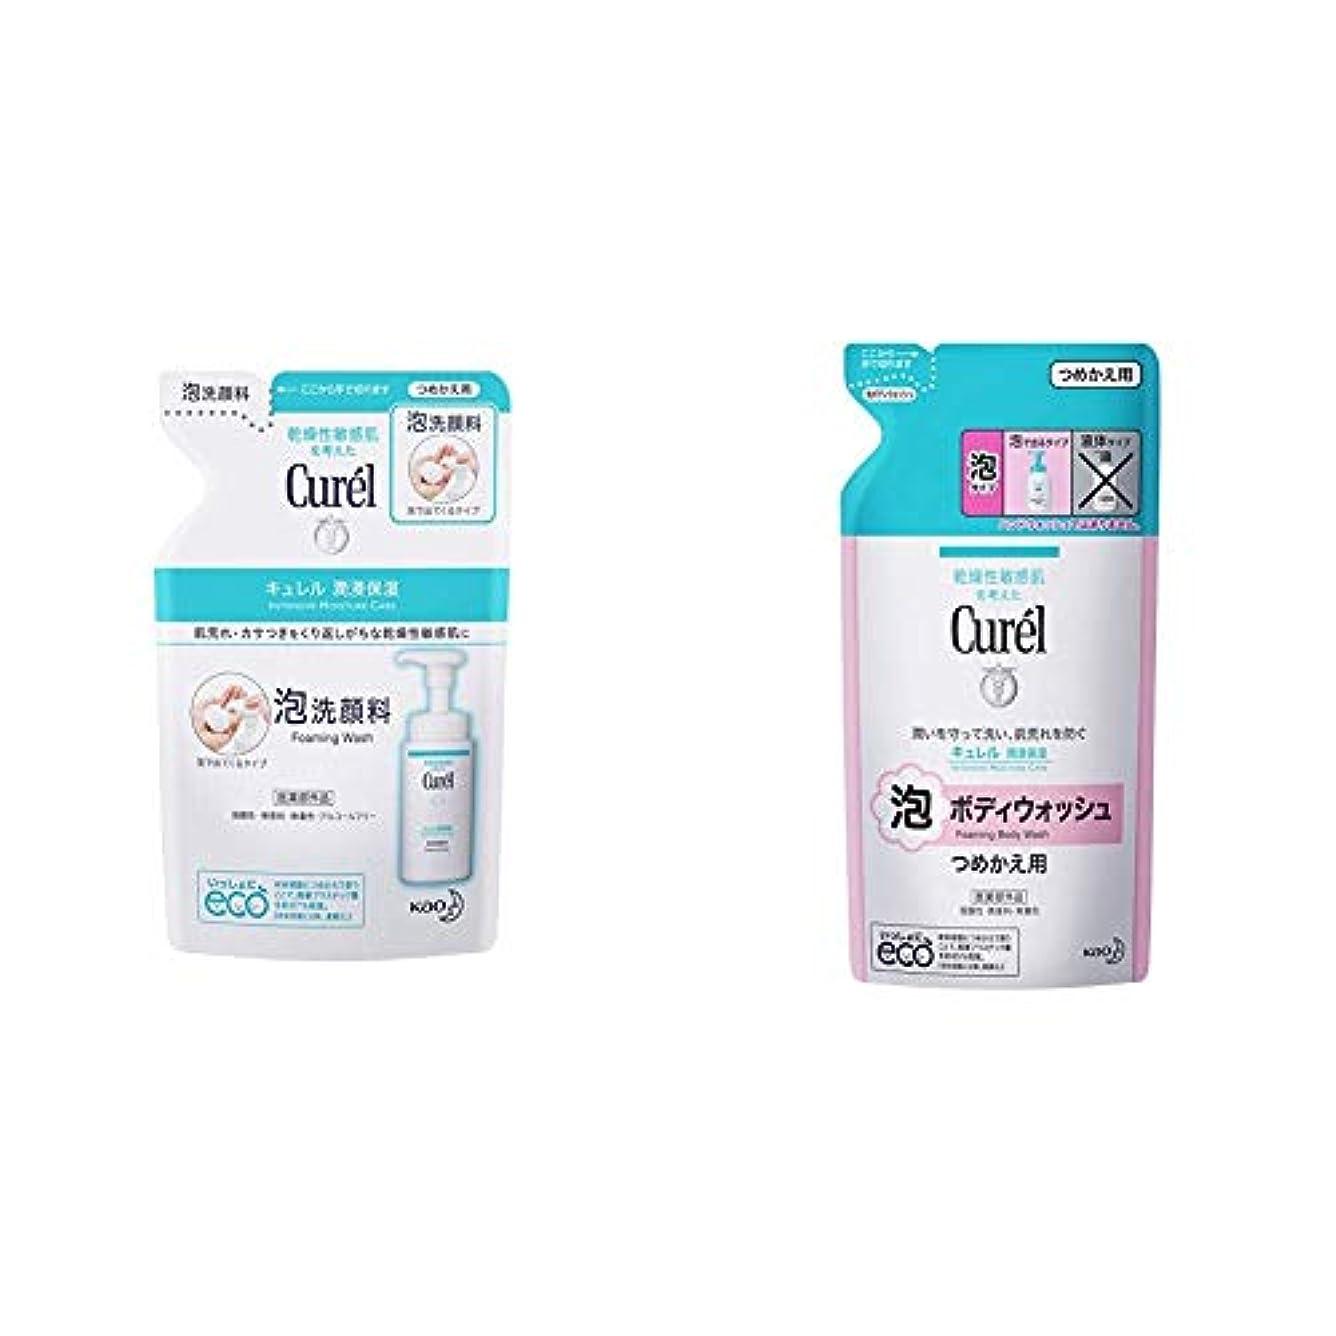 編集する専制援助キュレル 泡洗顔料 つめかえ用 130ml & 泡ボディウォッシュ つめかえ用 380ml(赤ちゃんにも使えます)